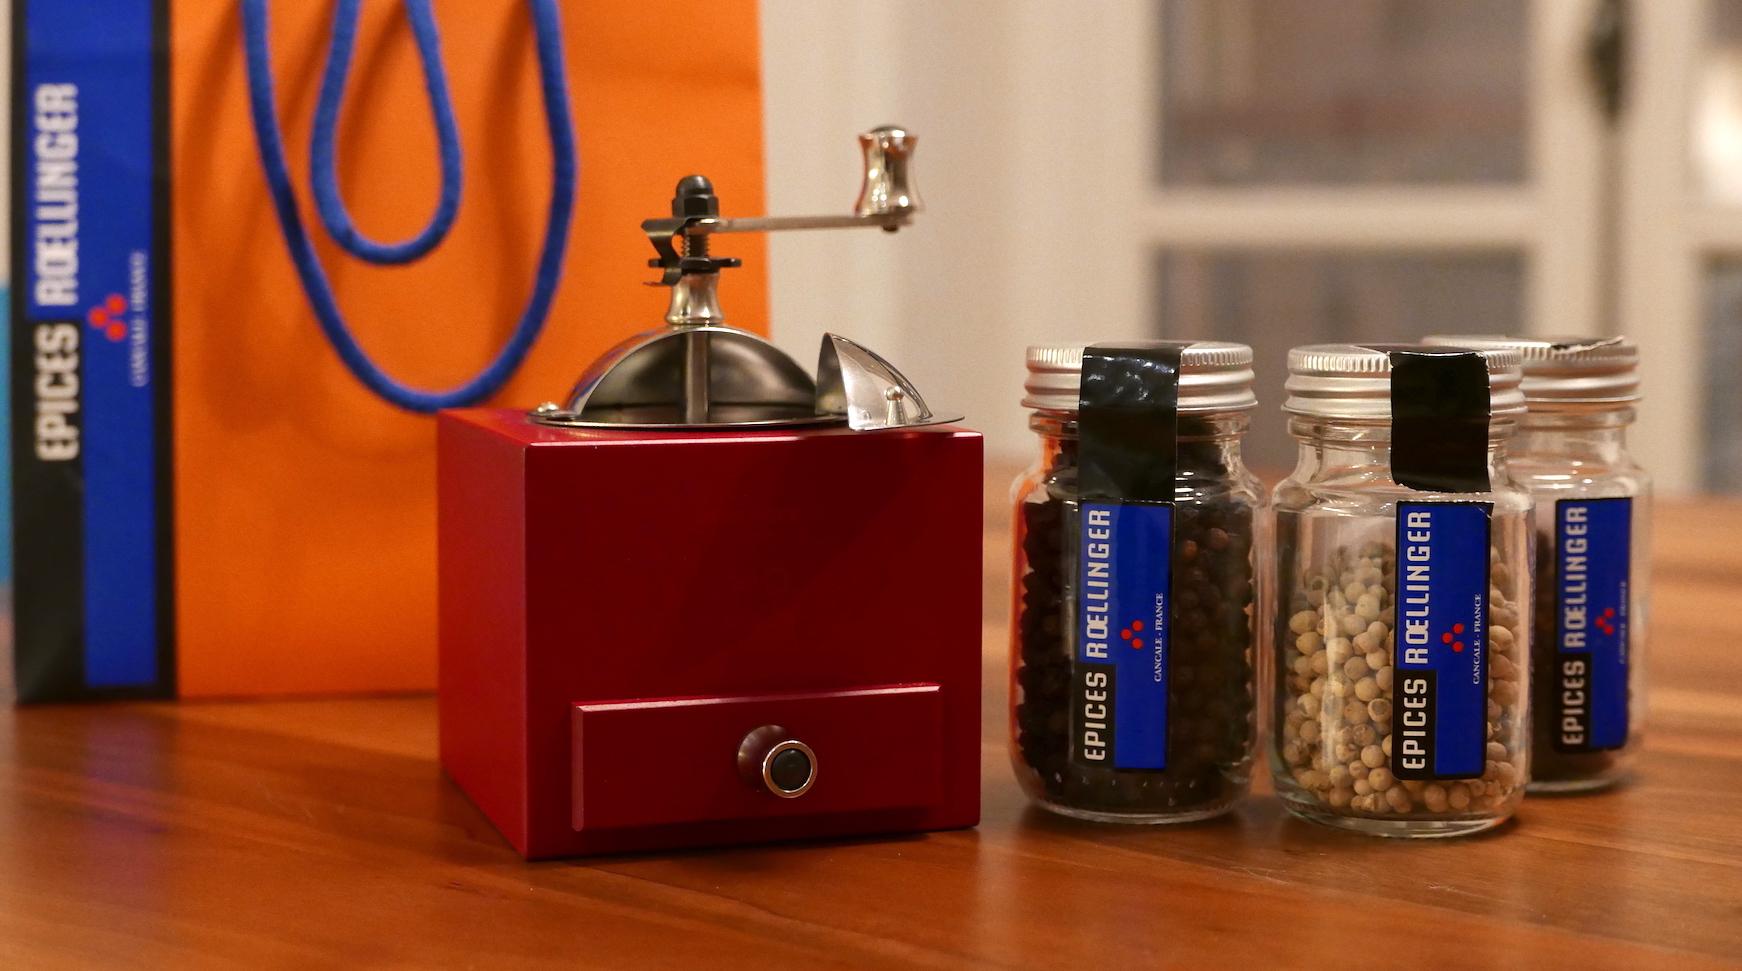 Superbe idée de cadeau pour Noël : le moulin à poivres Olivier Roellinger fabriqué par Peugeot